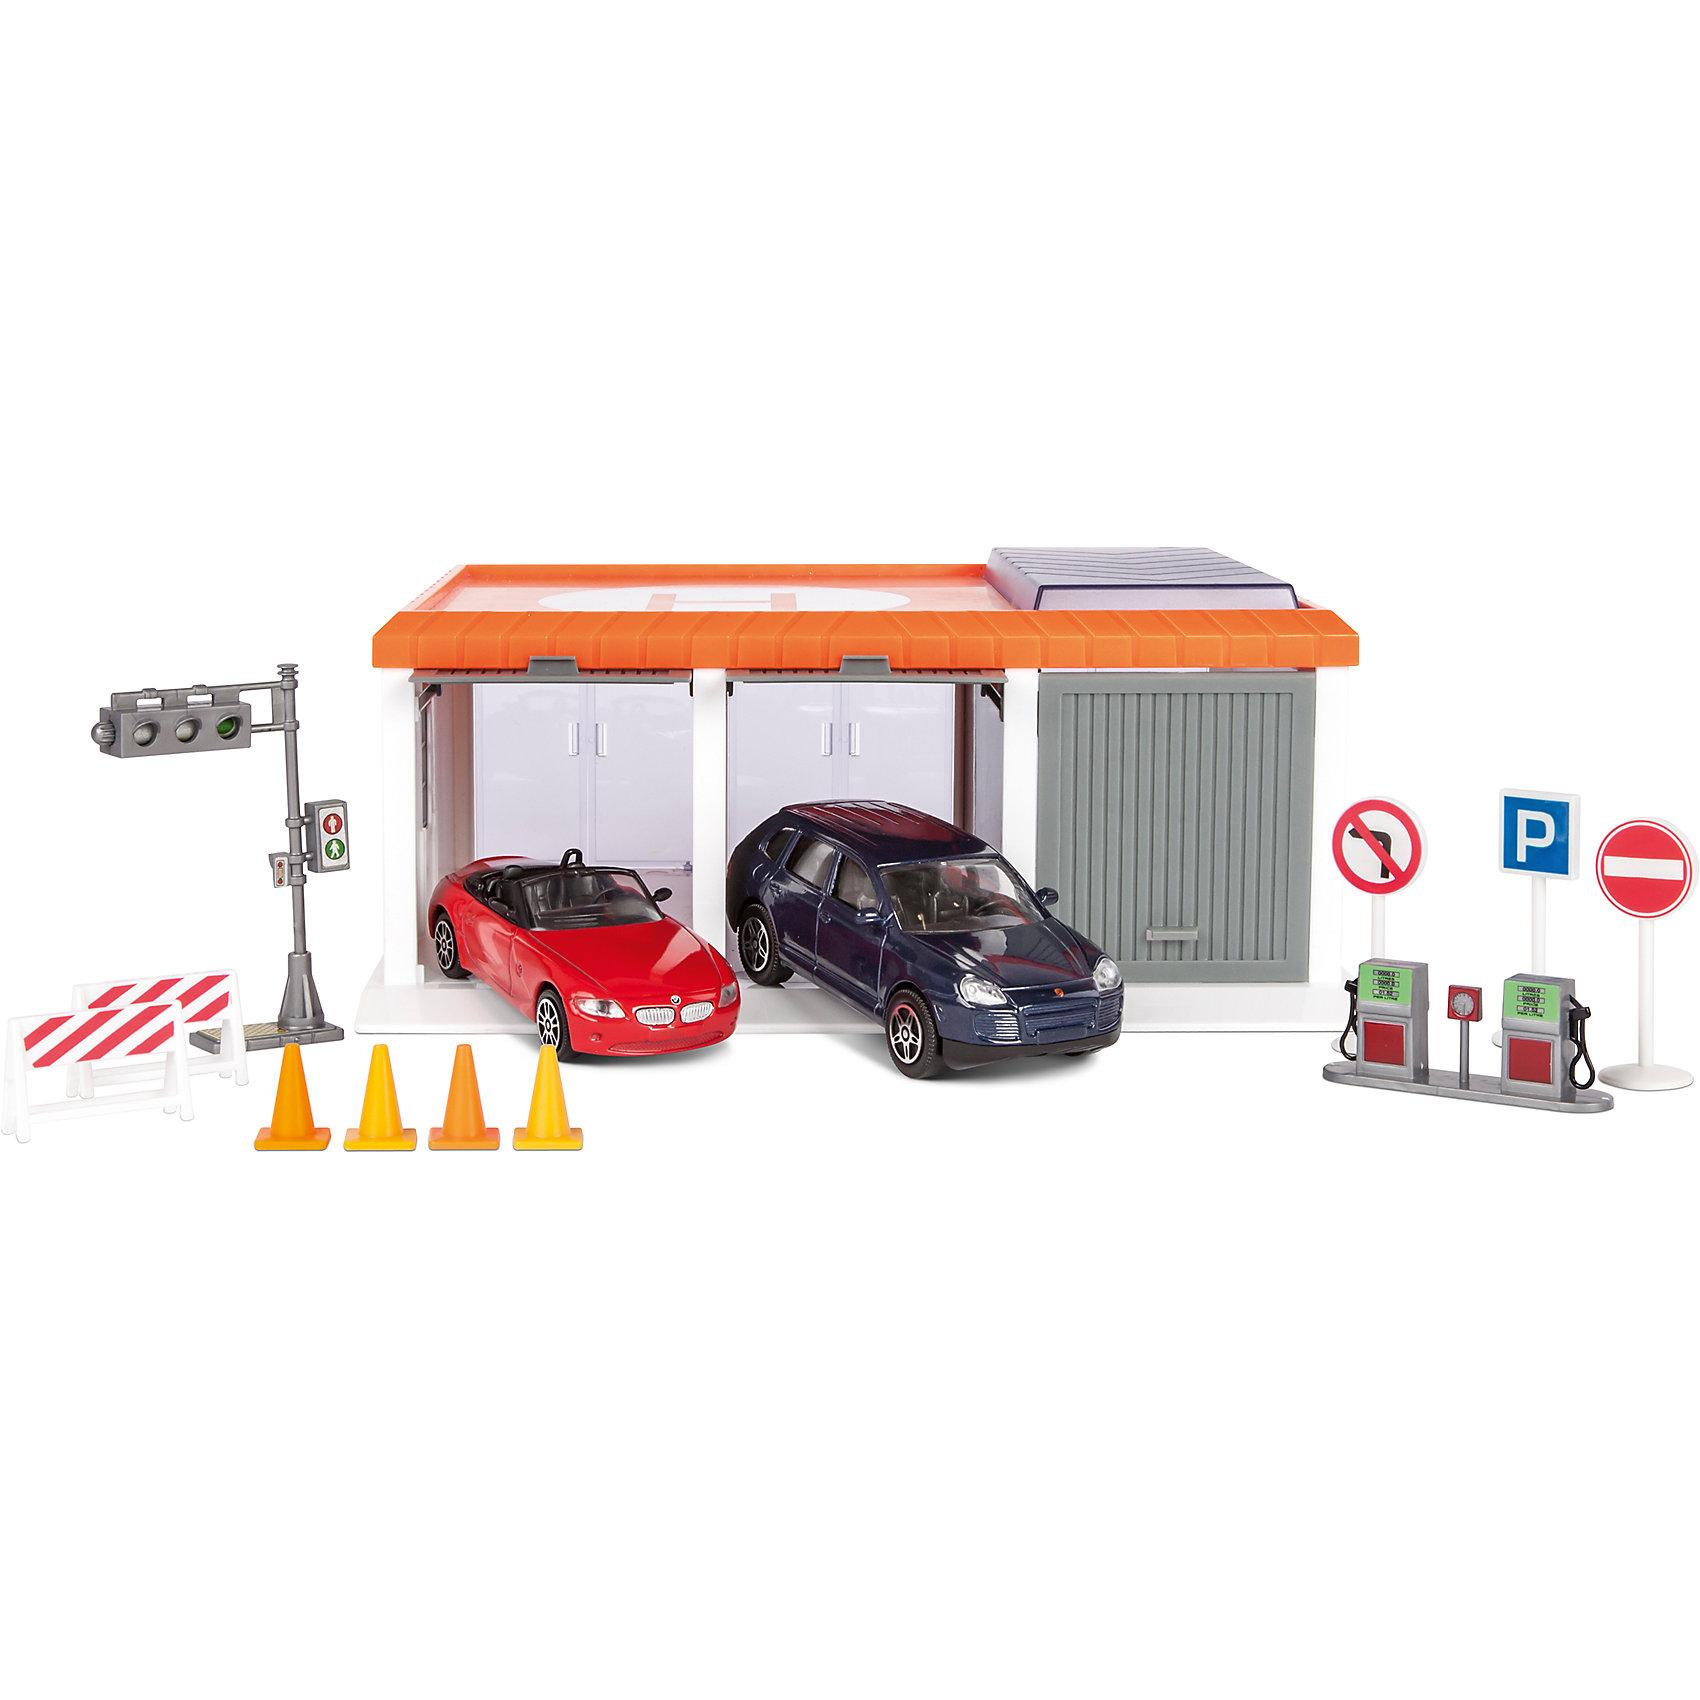 Гараж Мегаполис, Пламенный моторПарковки и гаражи<br>Гараж – желанная игрушка всех малышей. Машинок много у всех мальчиков, а гараж есть у единиц. Осуществите мечту маленького автомеханика и подарите ему гараж! В комплект входит гаражный блок, две машины и аксессуары к ним. Гараж даст возможность построить полноценный город! Компания выпускает множество игрушек, которые понравятся малышам, интересующимися машинами и другими автотранспортными средствами. Материалы, использованные при изготовлении товара, абсолютно безопасны и отвечают всем международным требованиям по качеству.<br><br>Дополнительные характеристики:<br><br>материал: пластик, металл;<br>габариты: 23 X 22 X 16 см.<br><br>Гараж Мегаполис от компании Пламенный мотор можно приобрести в нашем магазине.<br><br>Ширина мм: 487<br>Глубина мм: 400<br>Высота мм: 468<br>Вес г: 773<br>Возраст от месяцев: 36<br>Возраст до месяцев: 120<br>Пол: Мужской<br>Возраст: Детский<br>SKU: 5032584